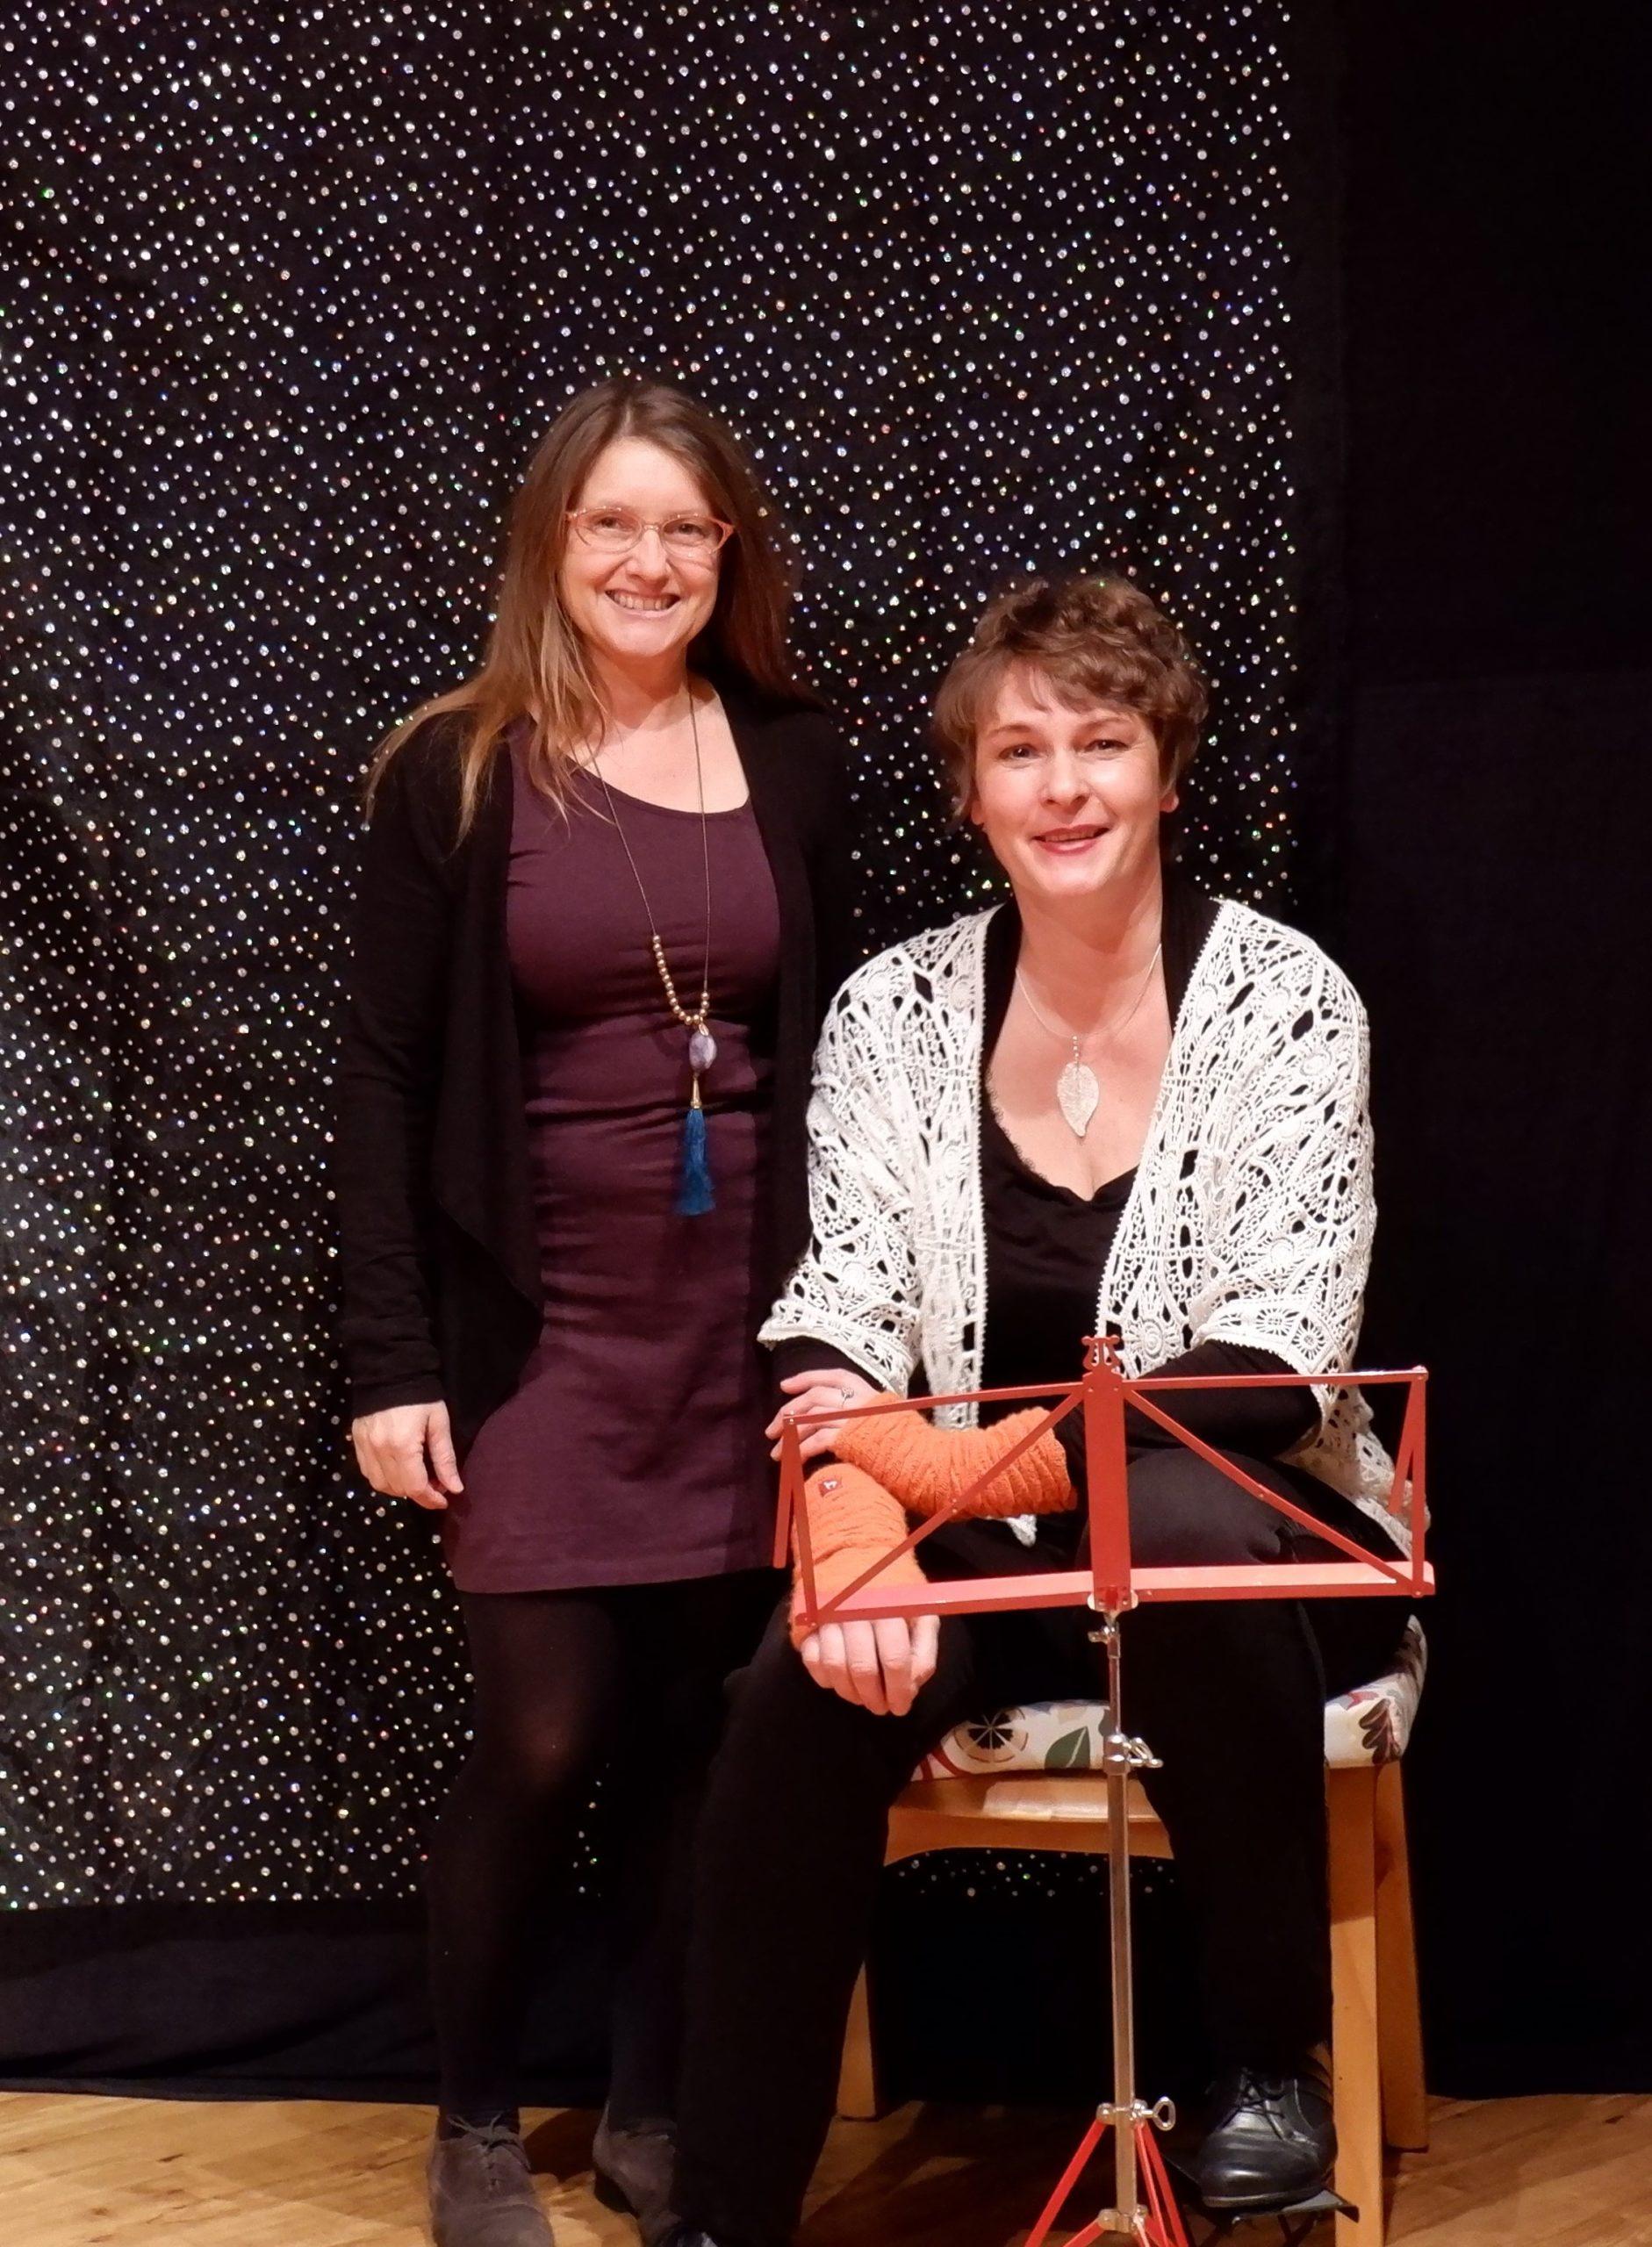 Foto Martina Mendler, Annette Schmidt